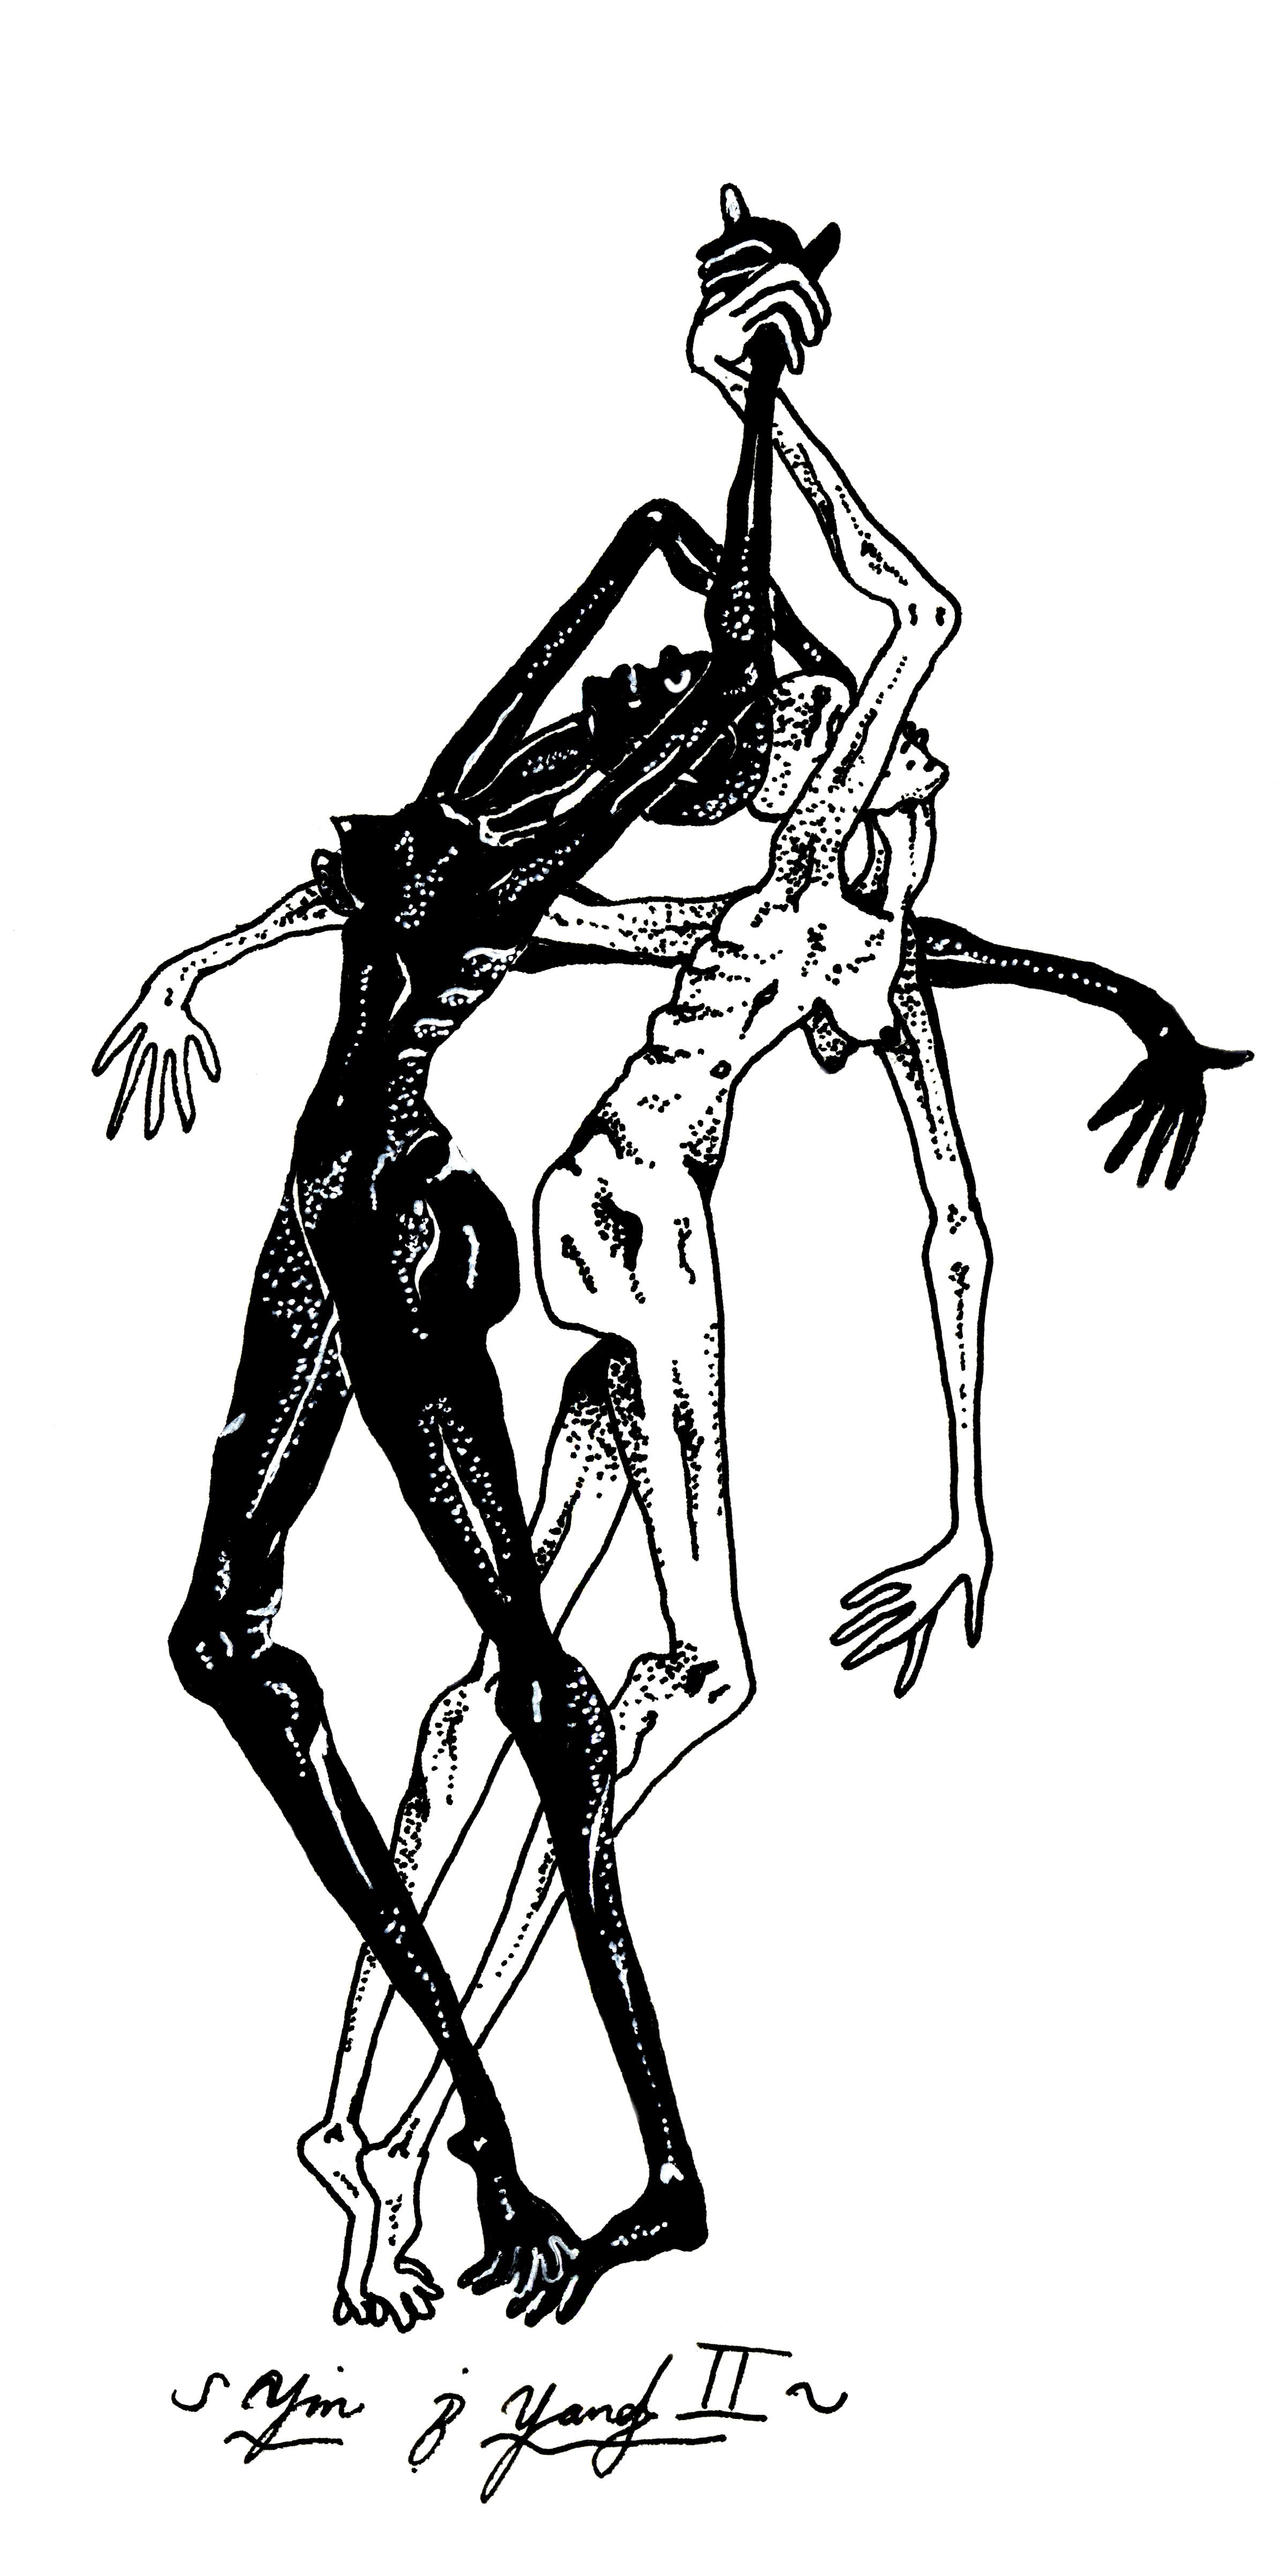 Yin & Yang II